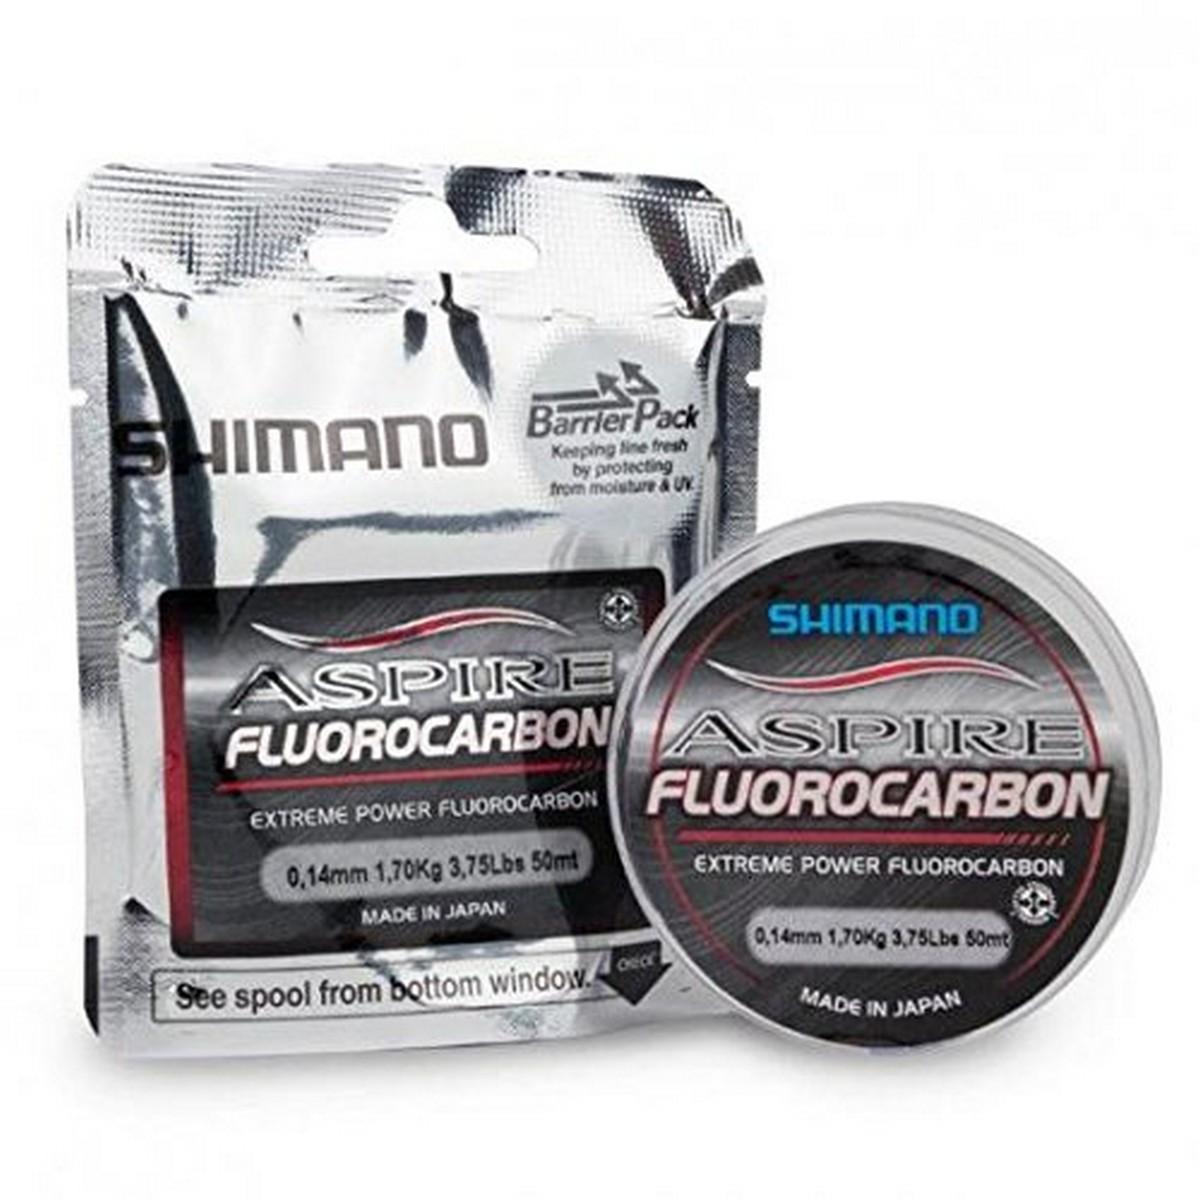 Флуорокарбон Shimano Aspire Fluorocarbon 50m